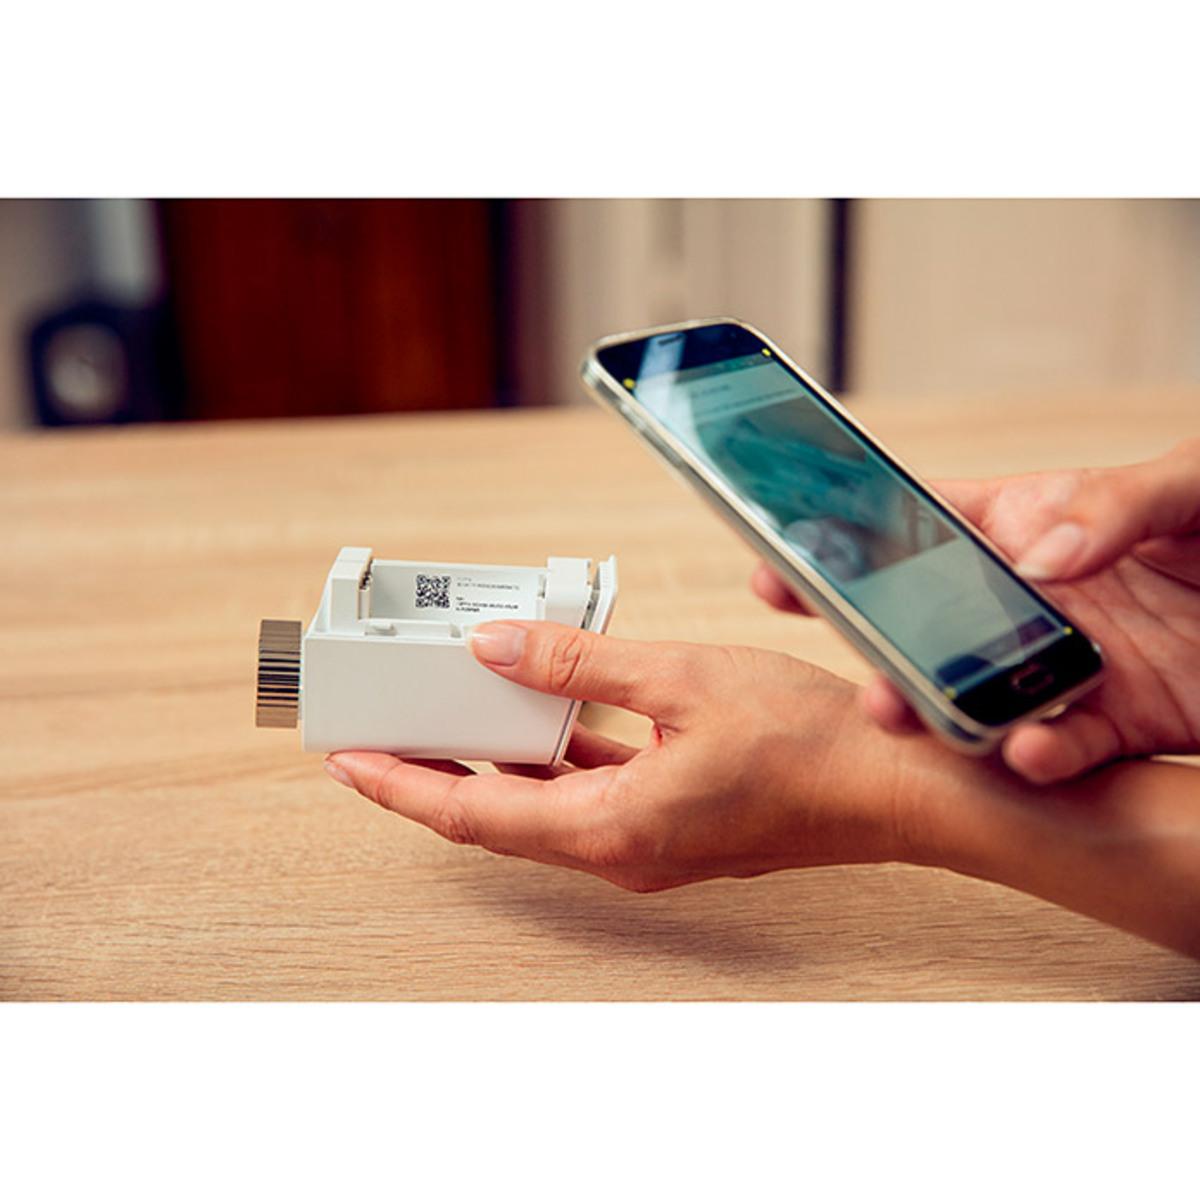 Bild 5 von Bosch Smart Home Thermostatkopf